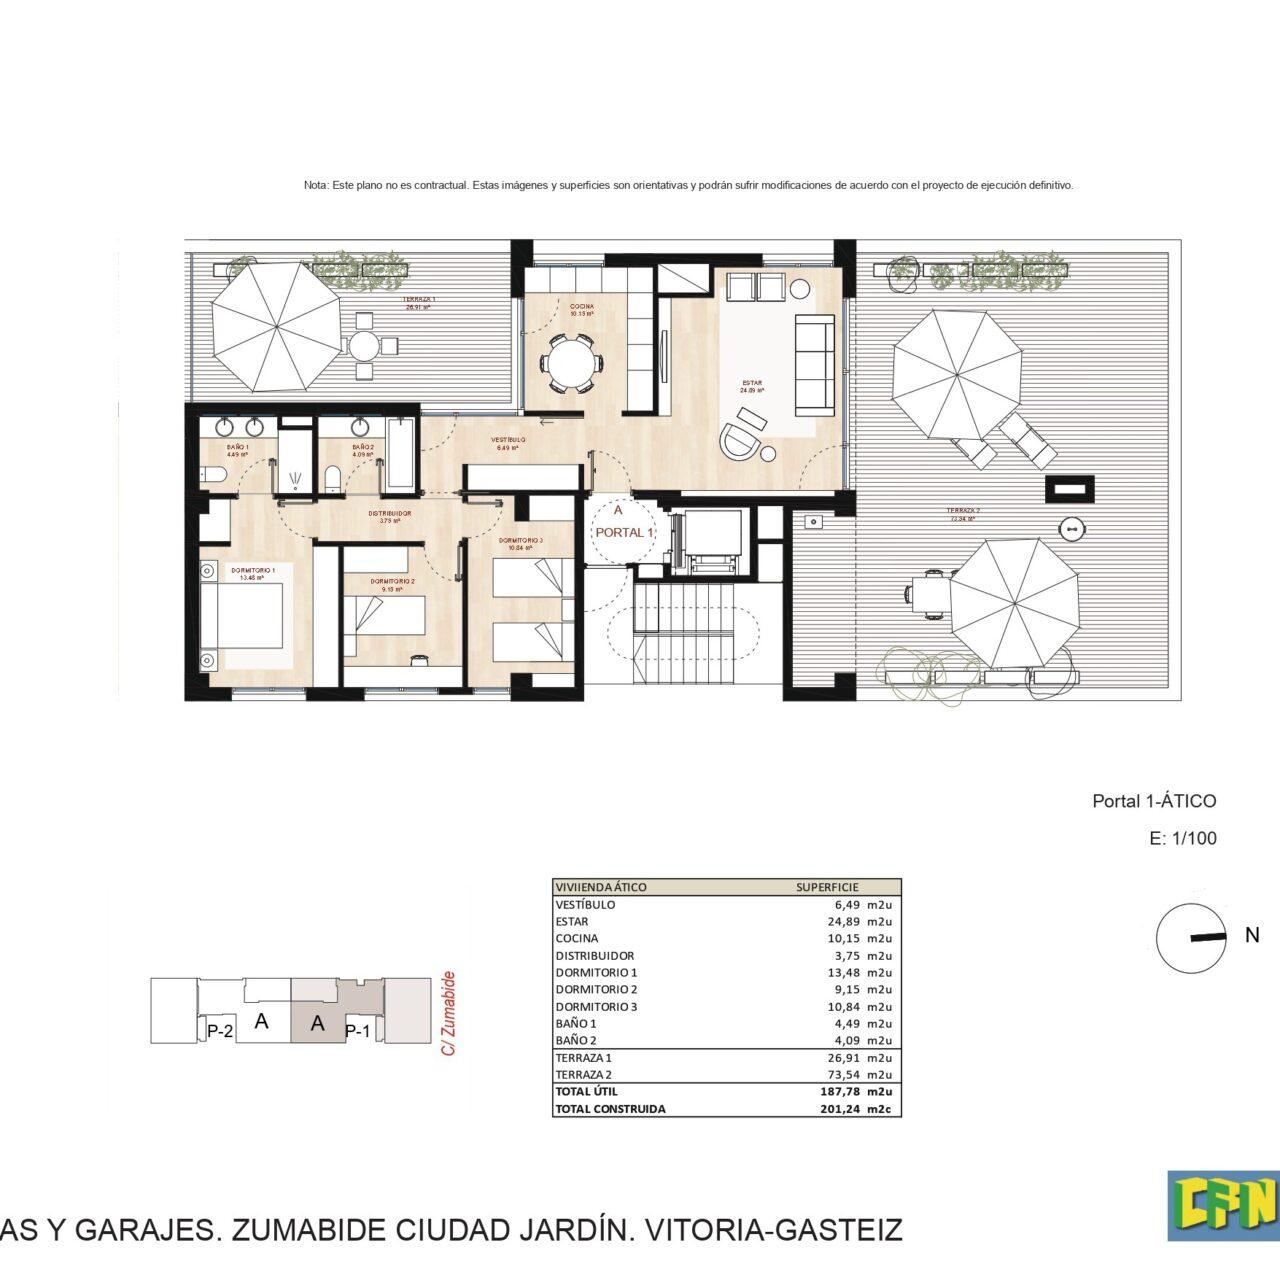 http://www.zumabideciudadjardin.com/wp-content/uploads/2021/06/DOSSIER-ZUMABIDE-CIUDAD-JARDIN_page-0014-1280x1280.jpg